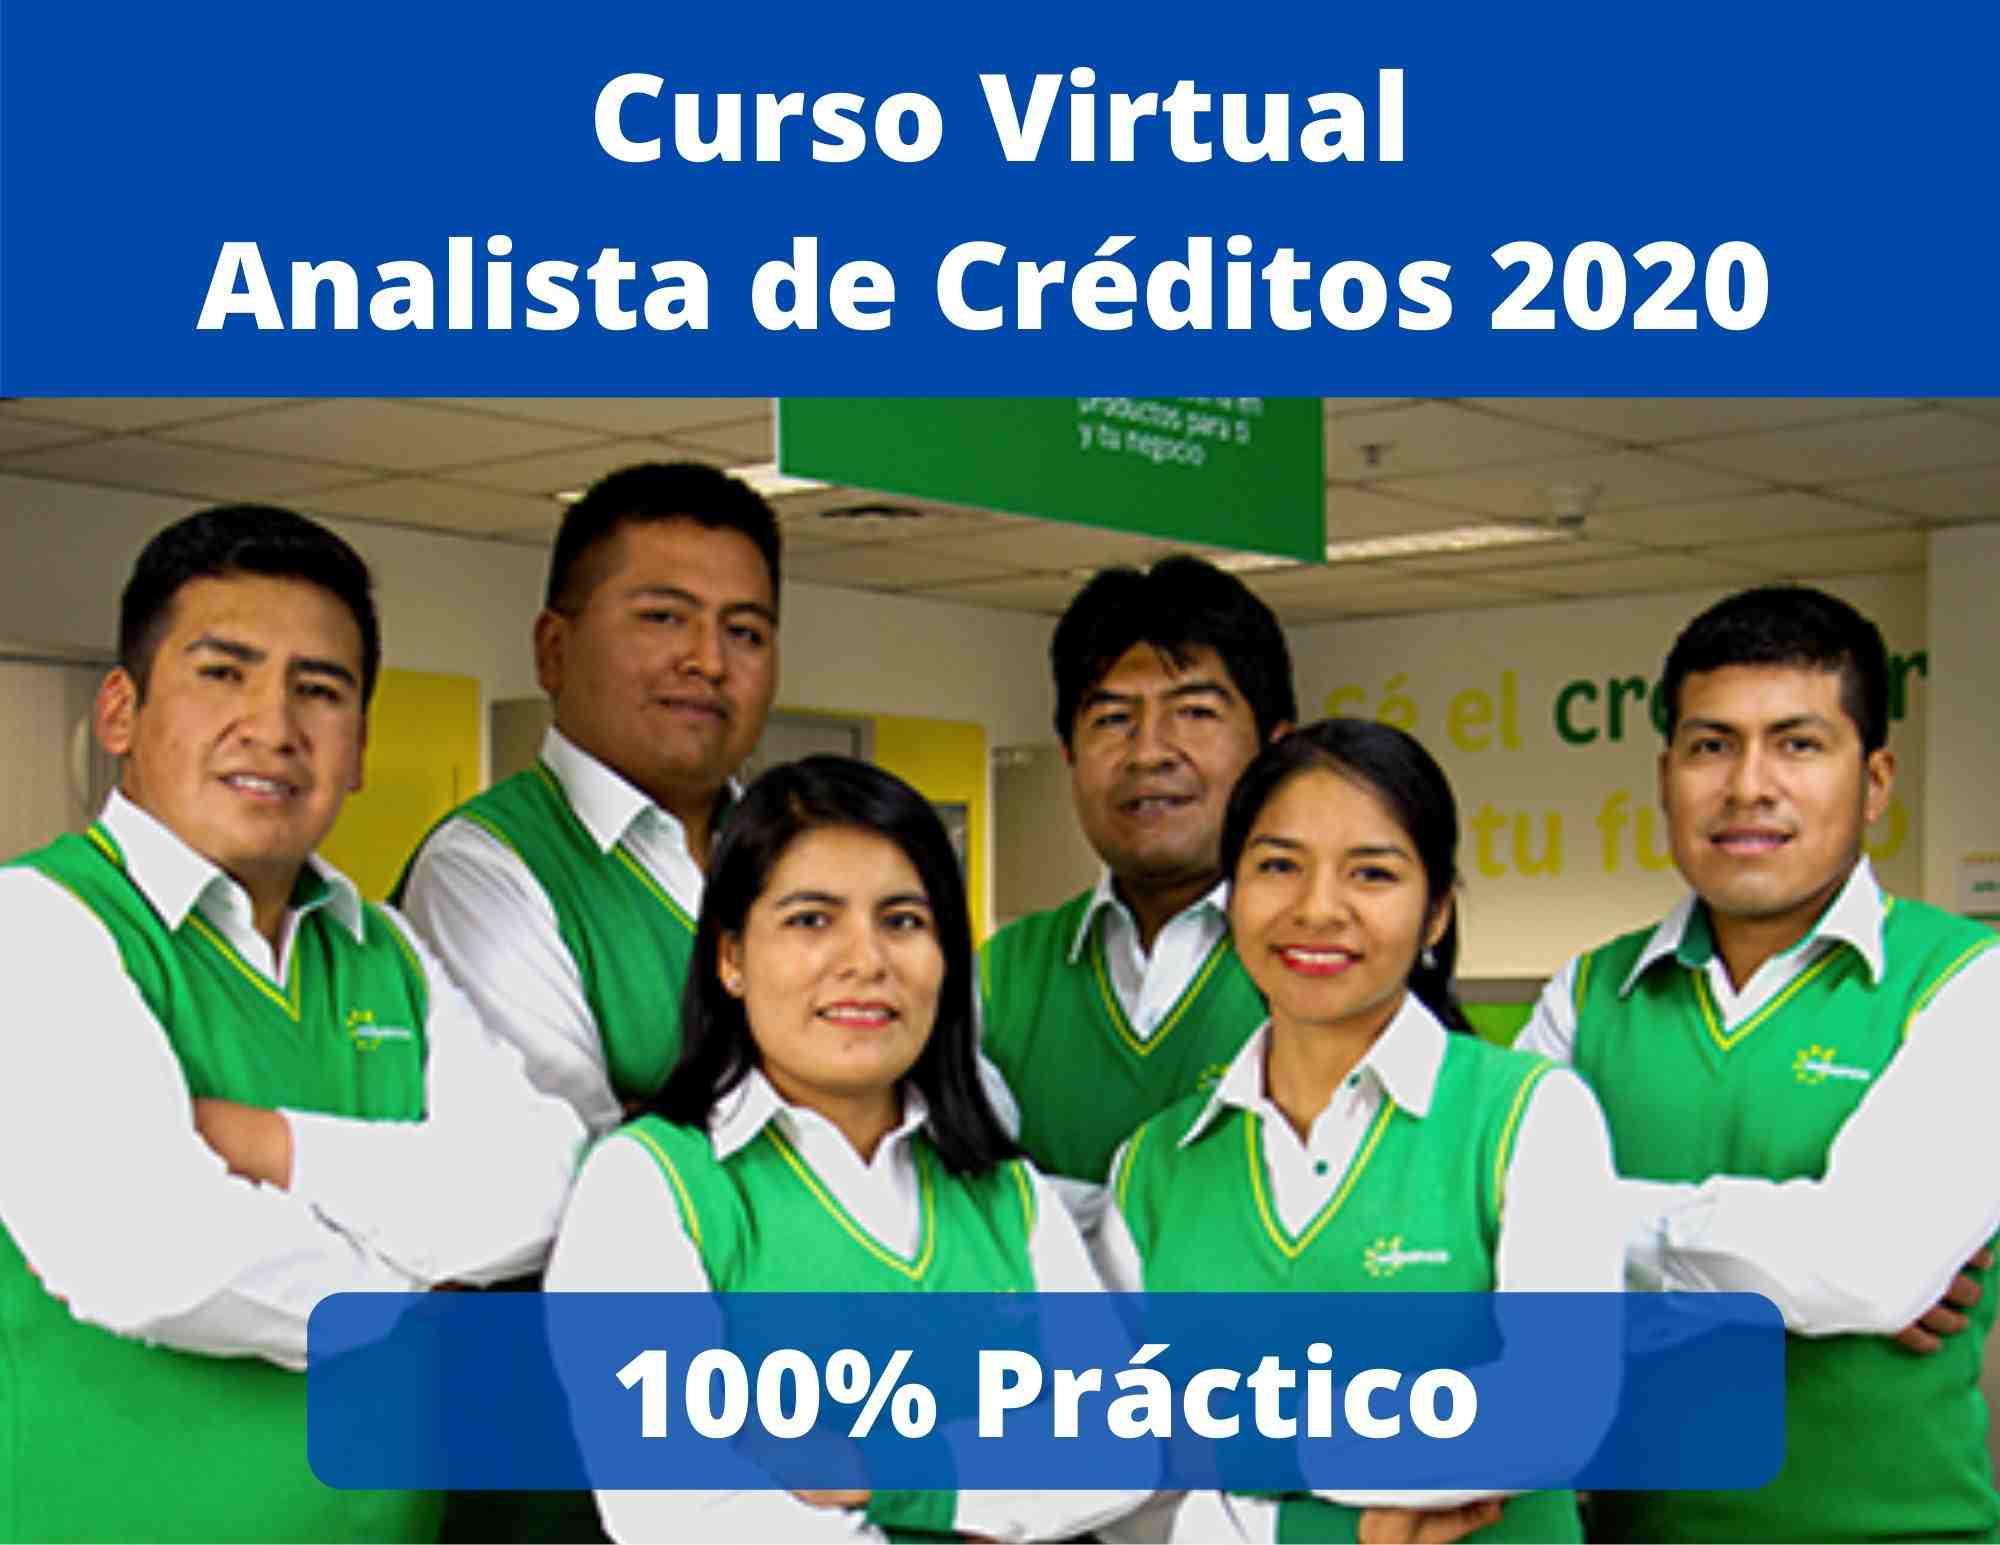 Curso de Analista de Créditos y Cobranzas